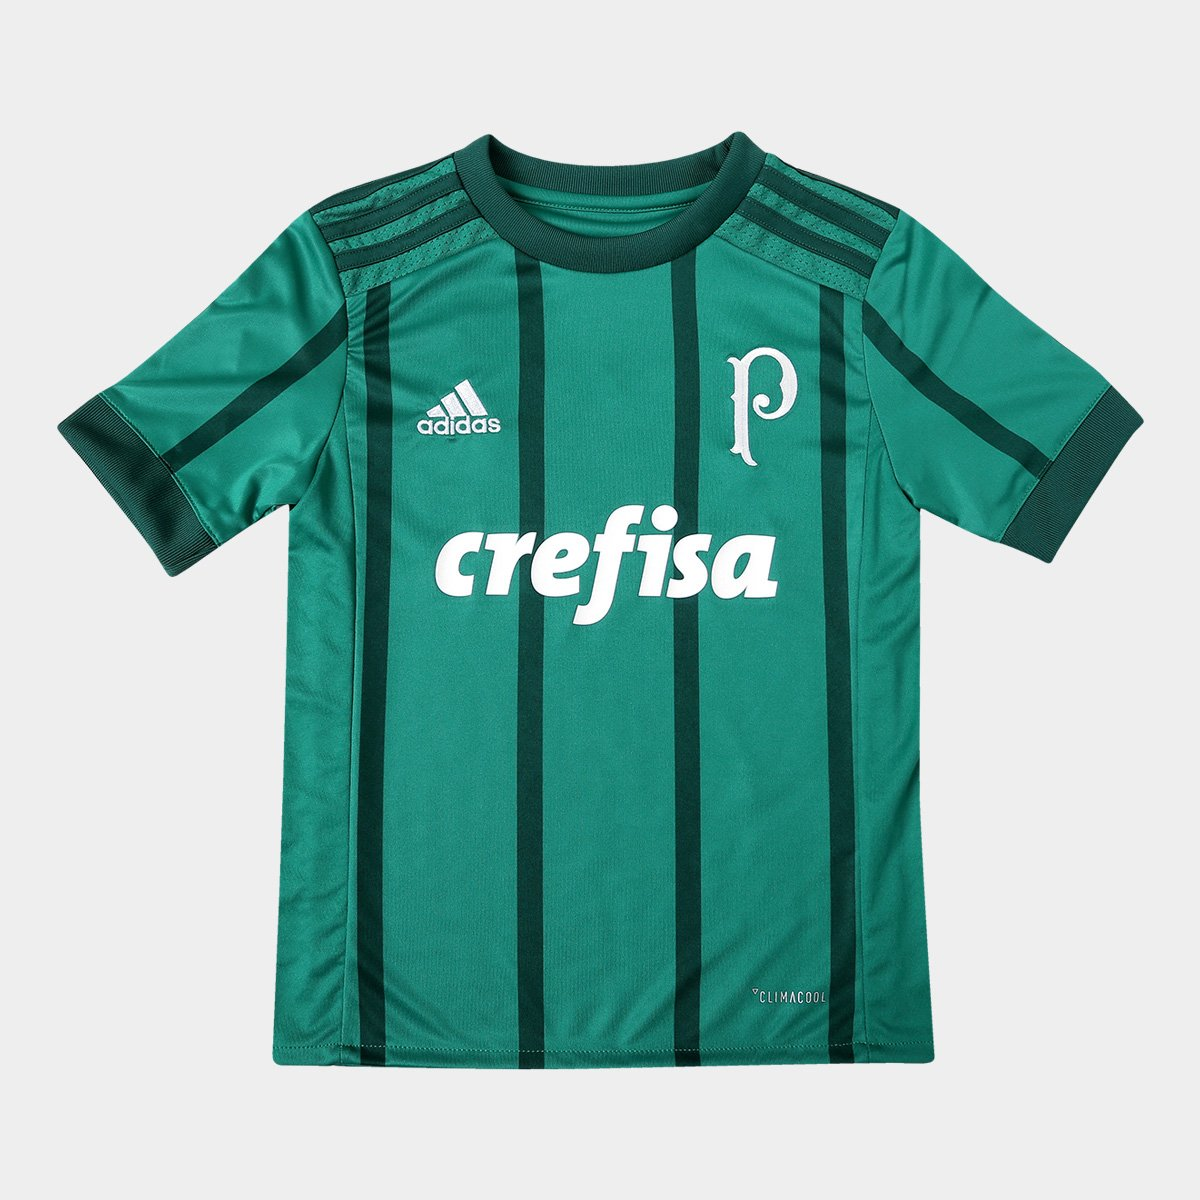 edcad1cda40b7 Camisa Palmeiras Infantil I 17 18 s nº Torcedor Adidas